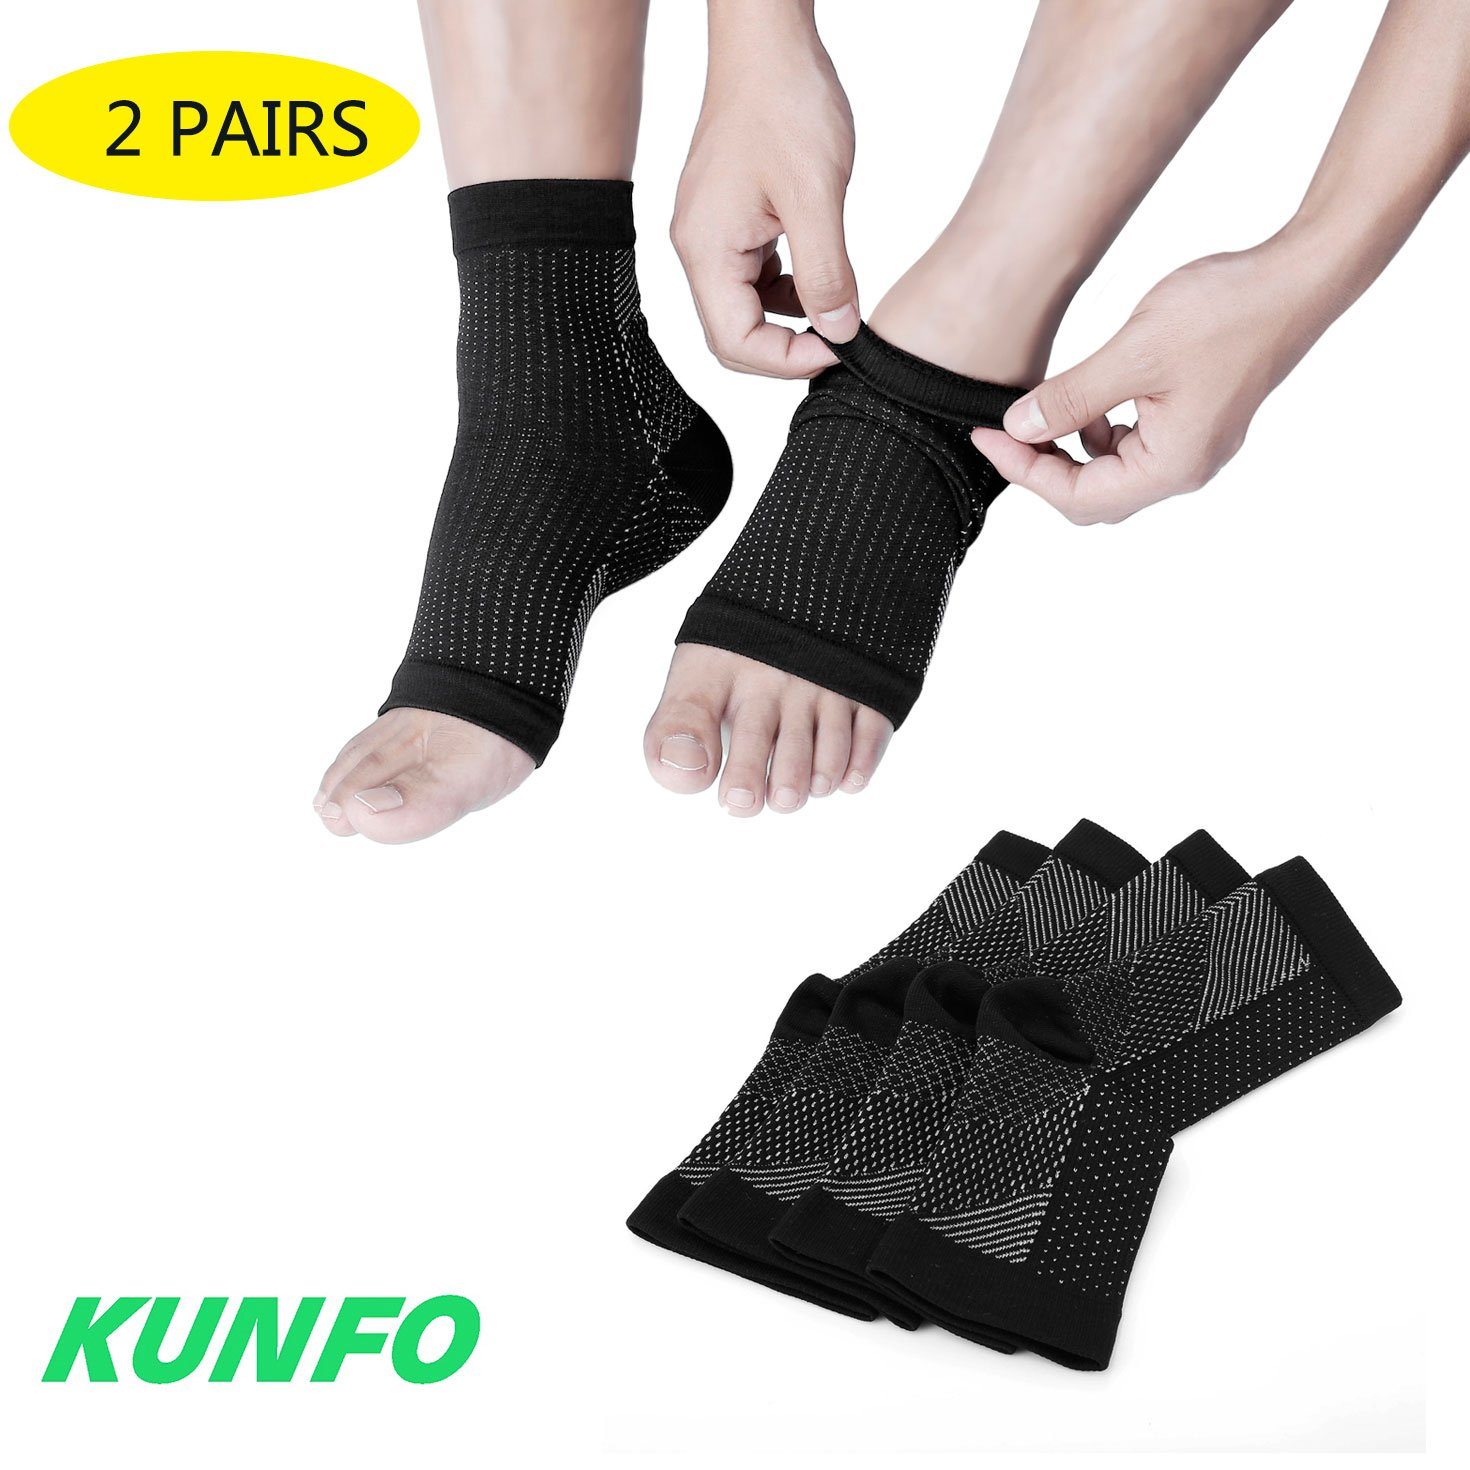 Kunfo fascite plantare calzini Ultimate Support for your Aching tacchi, regalo ideale per corridori, corsa, ciclismo, arrampicata, ecc. (2paia di calze a compressione per confezione)